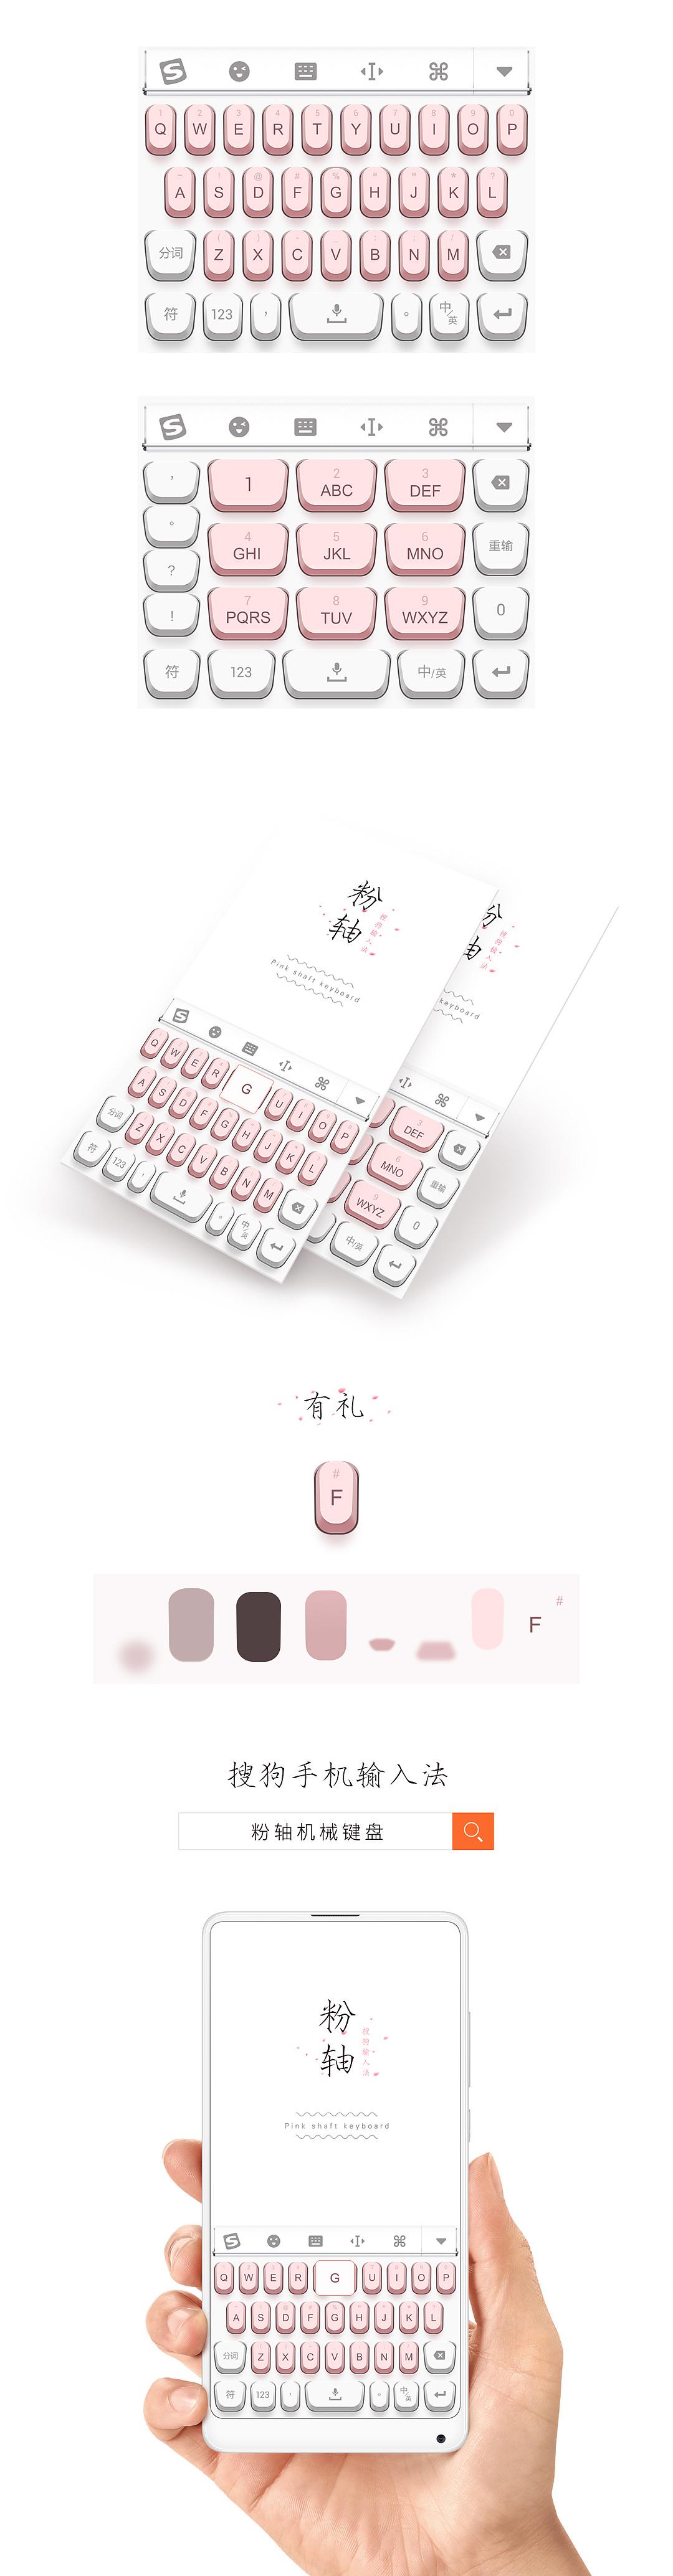 搜狗手机输入法皮肤 | 粉轴机械键盘